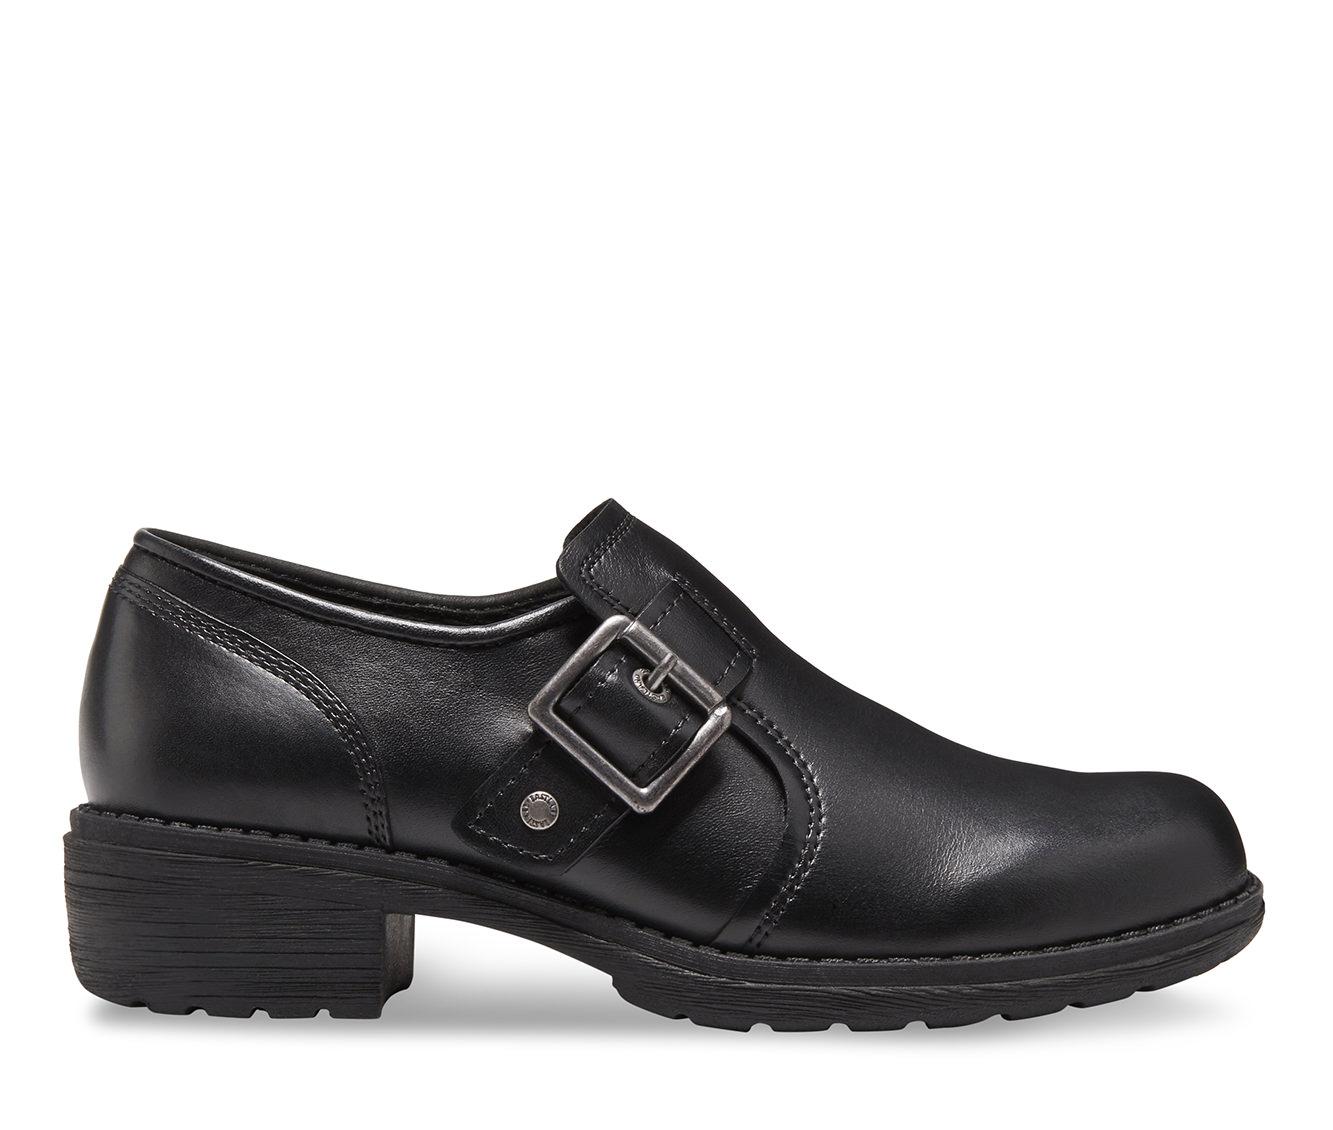 Eastland Open Road Women's Shoe (Black Leather)